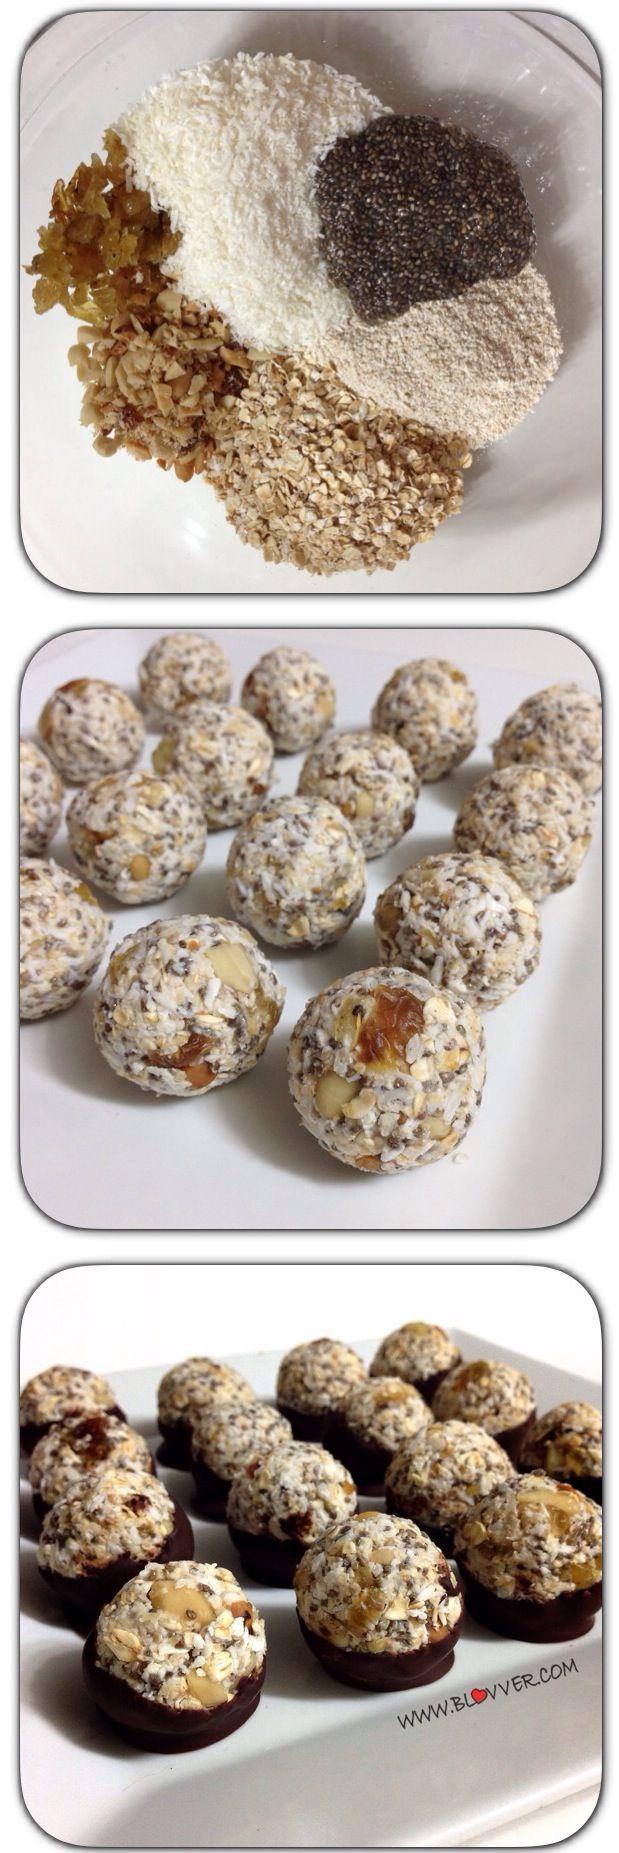 Bombones de avena, chia y coco, saludables, ricos, nutritivos y rápidos! Receta en www.sweetfran.cl